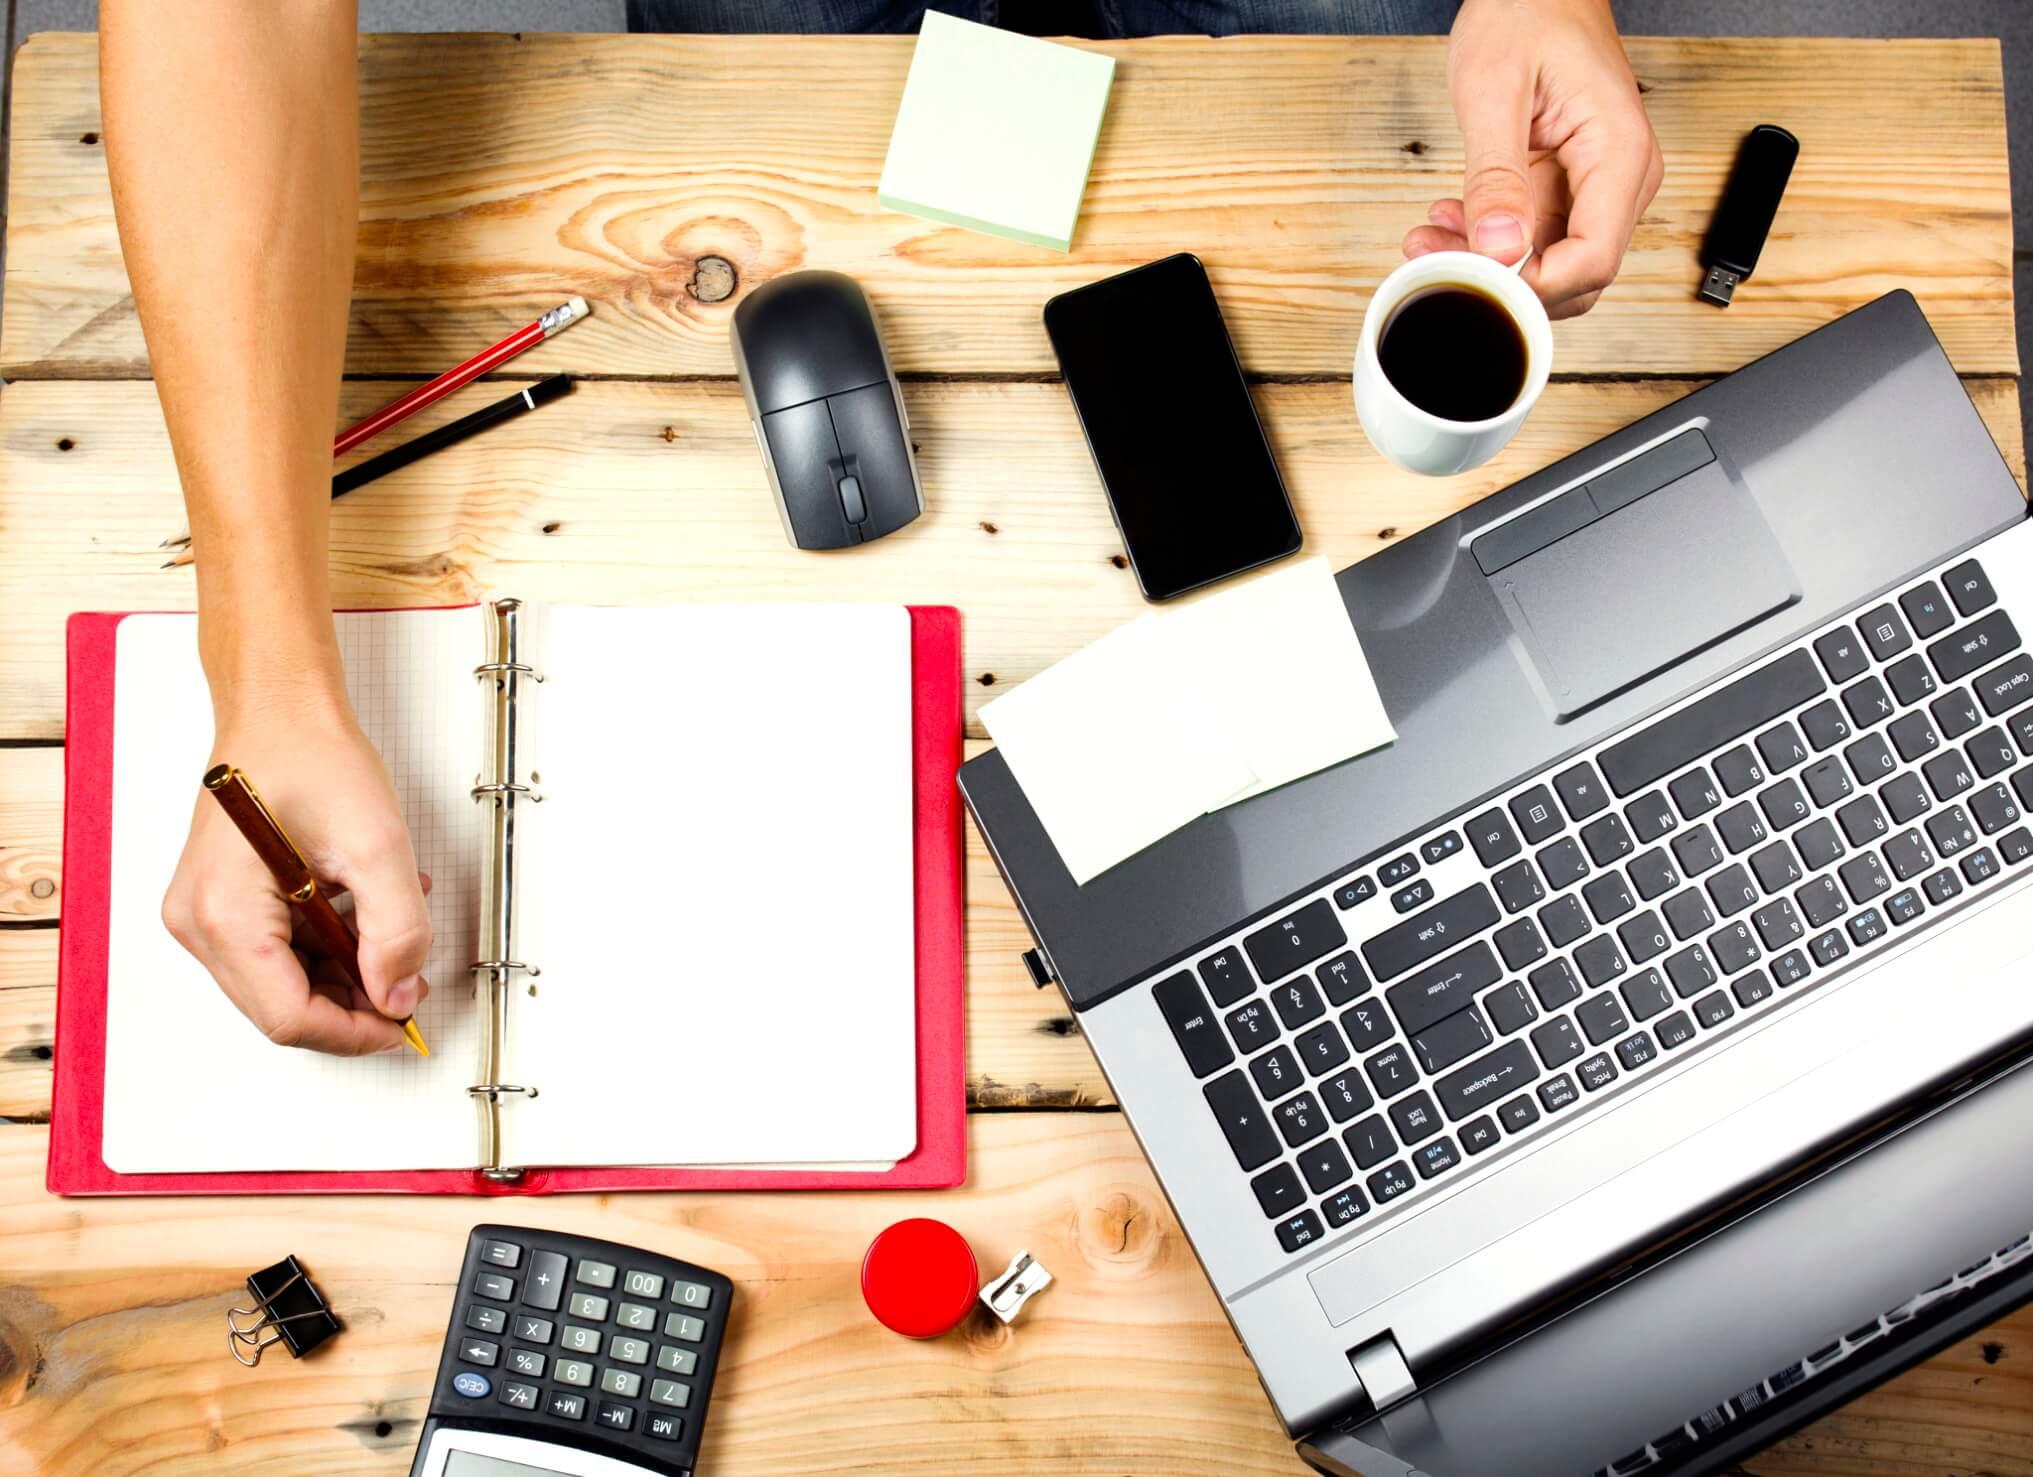 Como ter seu próprio negócio enquanto se trabalha em tempo integral